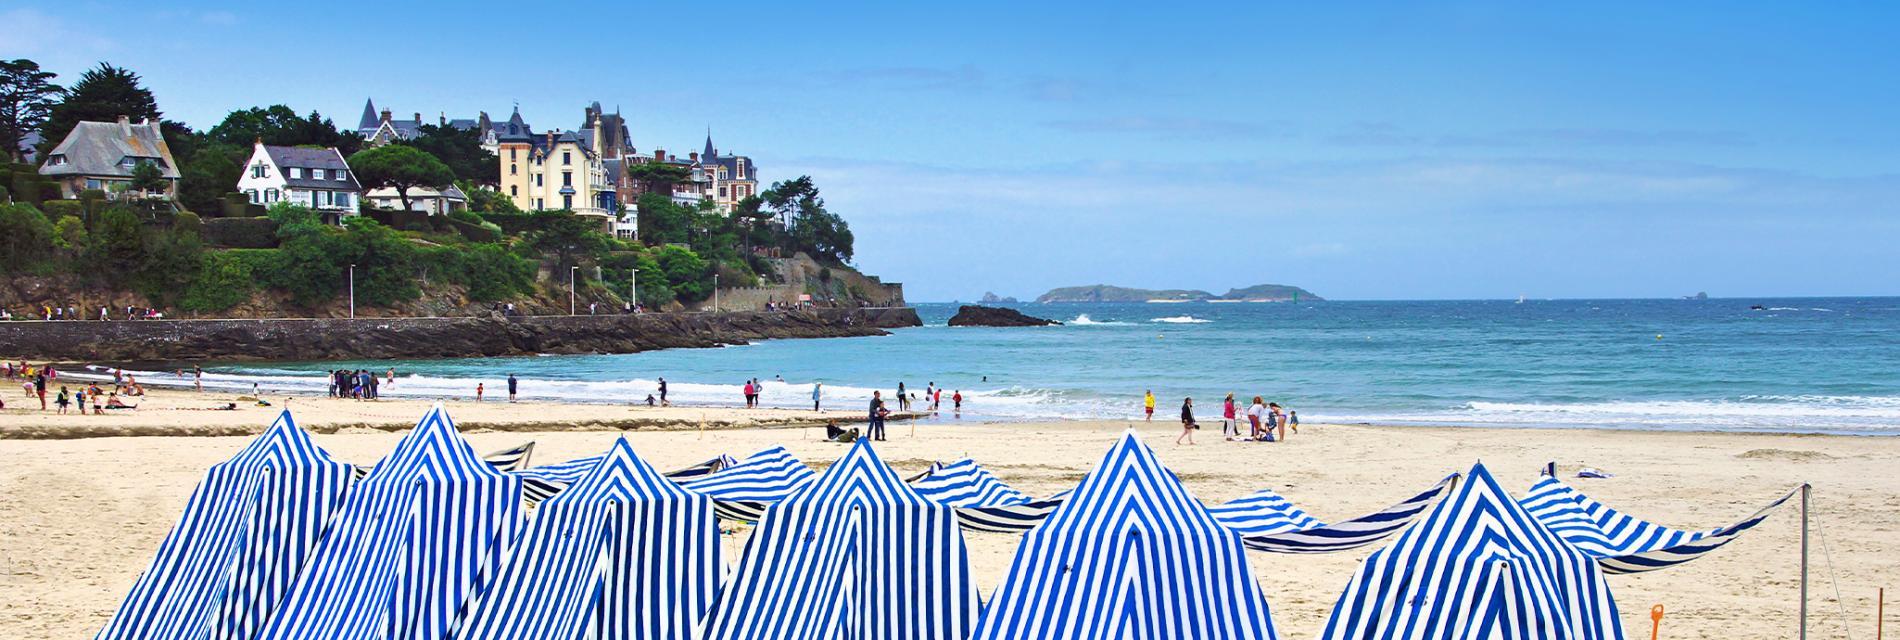 Slide La plage de Dinard